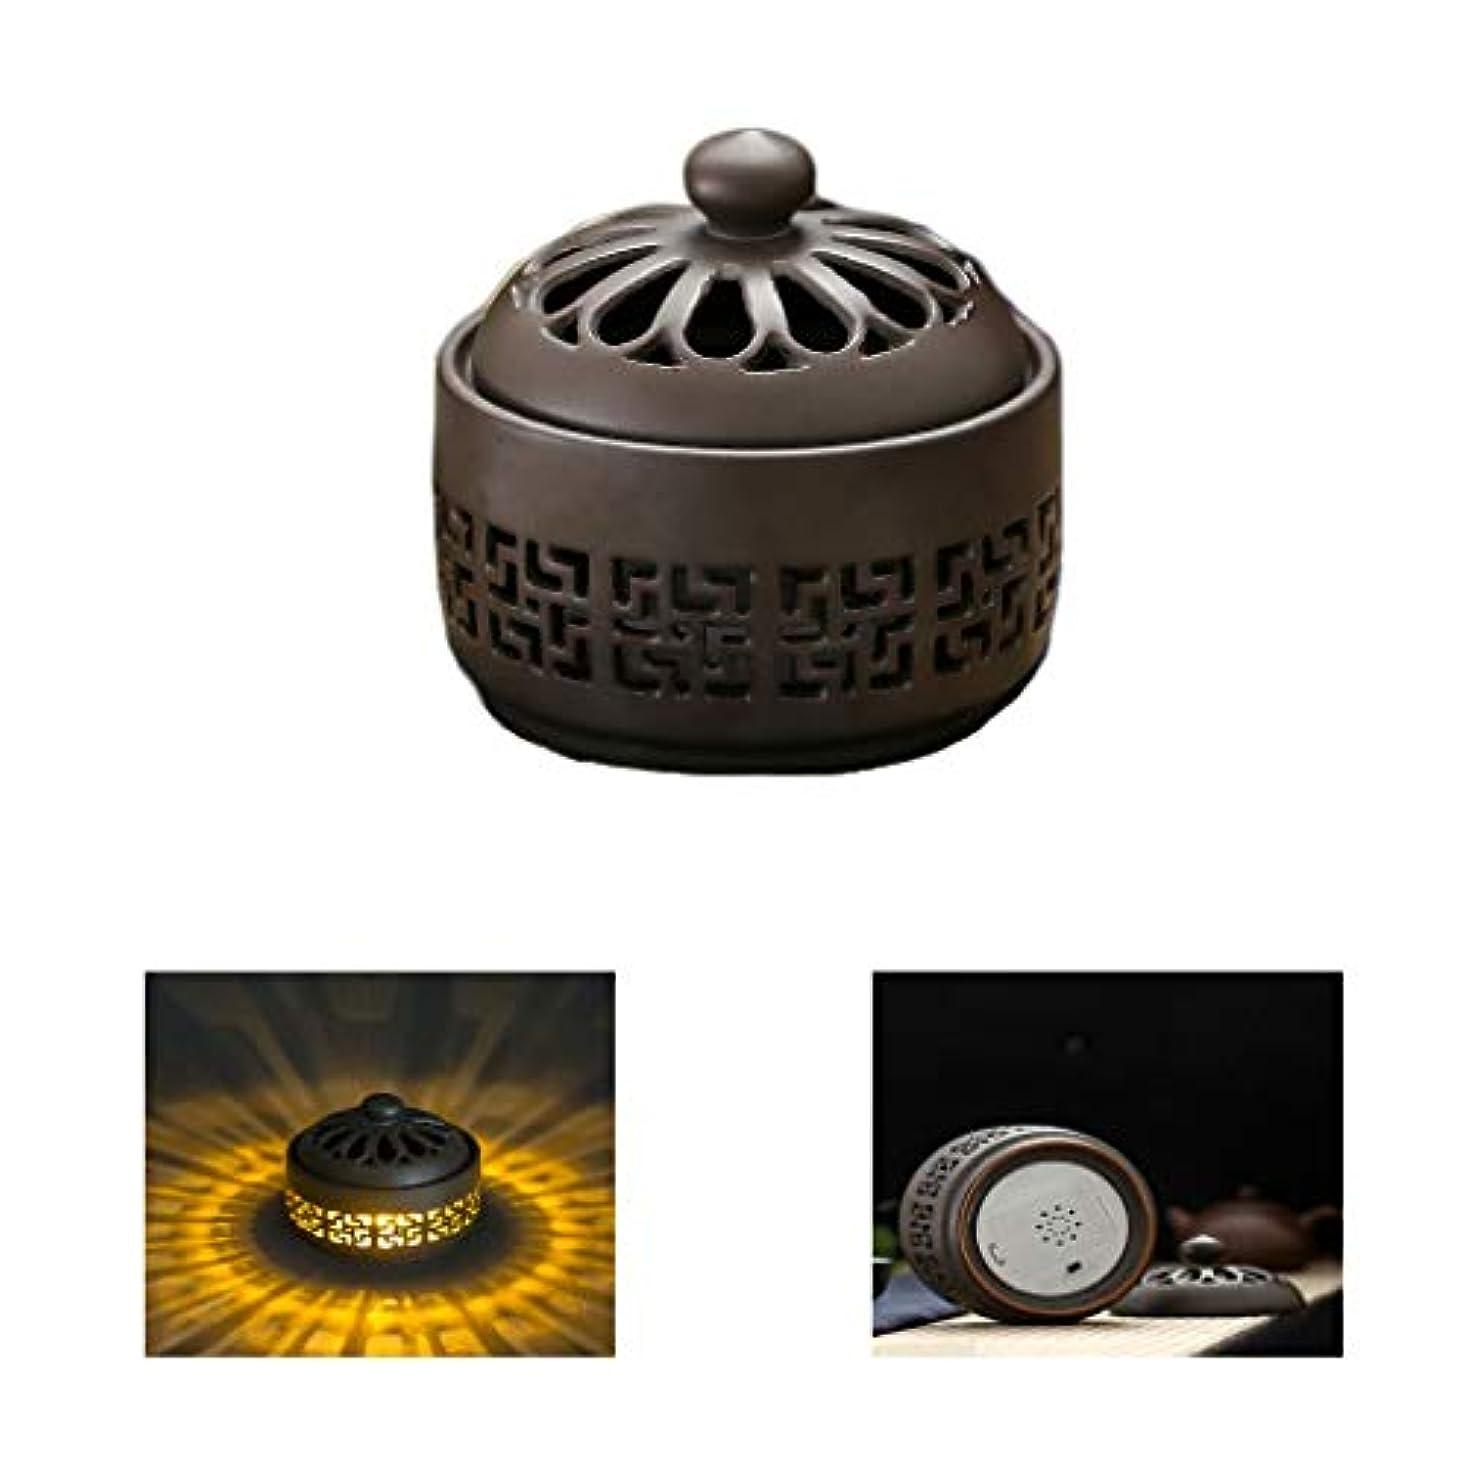 生む用心賛美歌芳香器?アロマバーナー LED暖かい光香バーナーレトロノスタルジックなセラミック香炉高温アロマセラピー炉 アロマバーナー (Color : Earth tones)